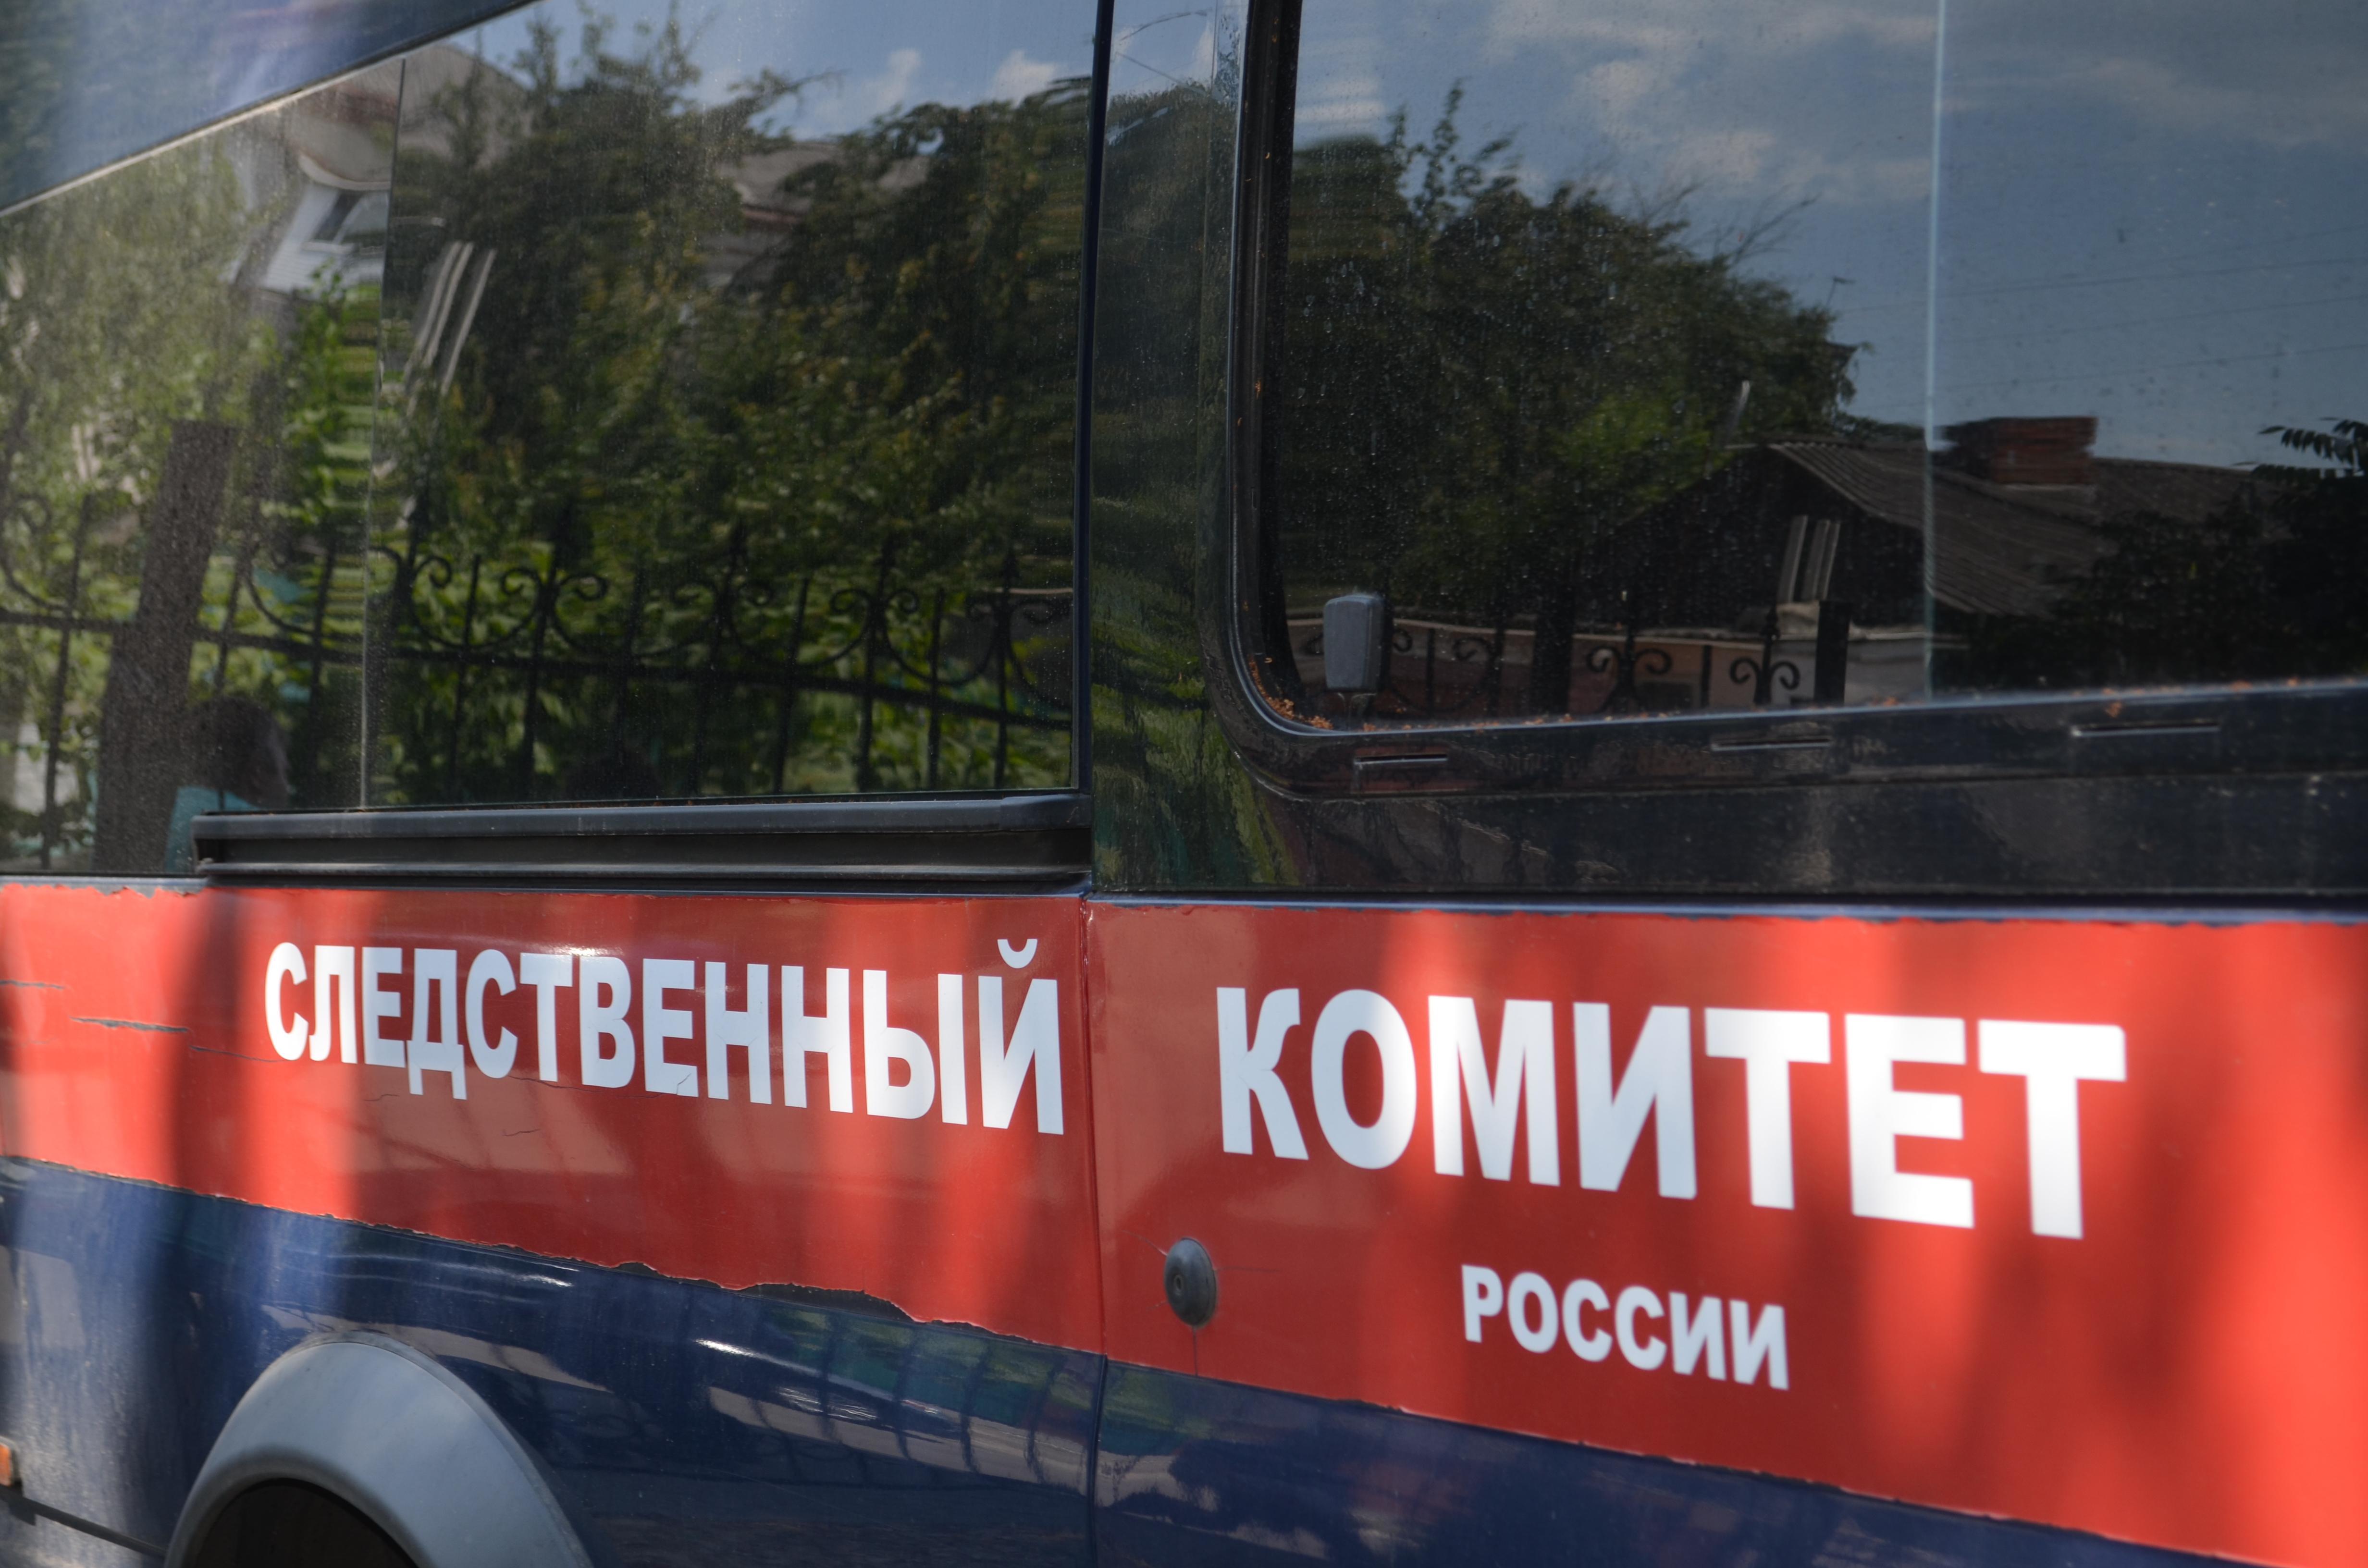 Катастрофа вБелгороде. Молодая девушка скончалась впроцессе «пластики» носа